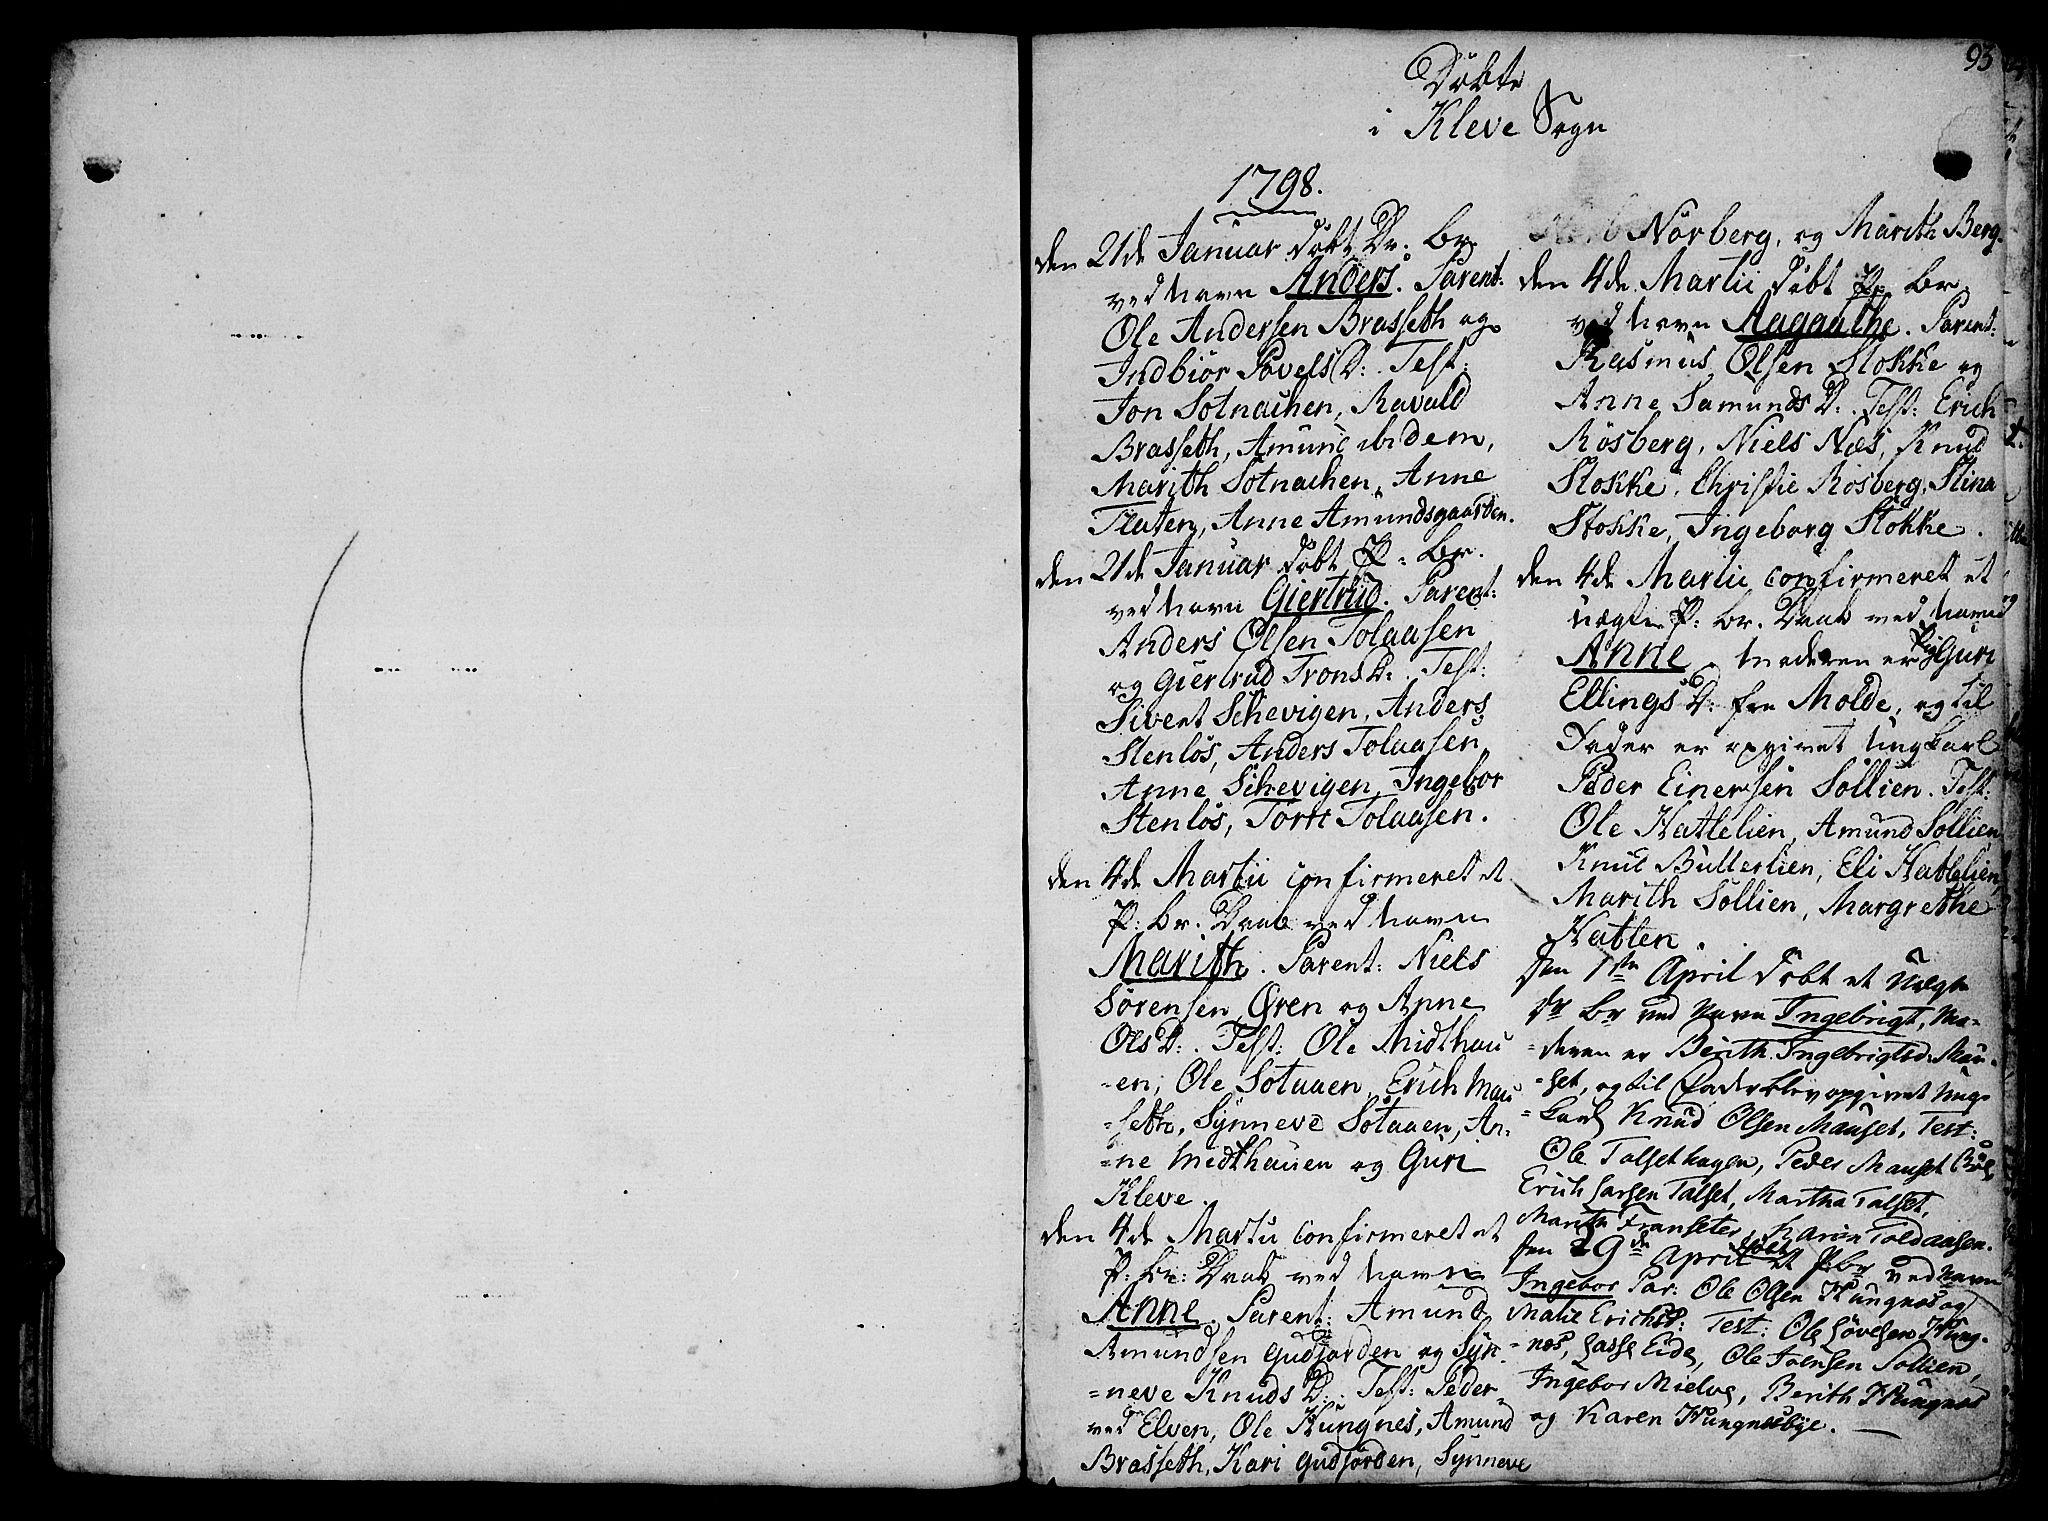 SAT, Ministerialprotokoller, klokkerbøker og fødselsregistre - Møre og Romsdal, 555/L0650: Ministerialbok nr. 555A02 /2, 1798-1821, s. 93